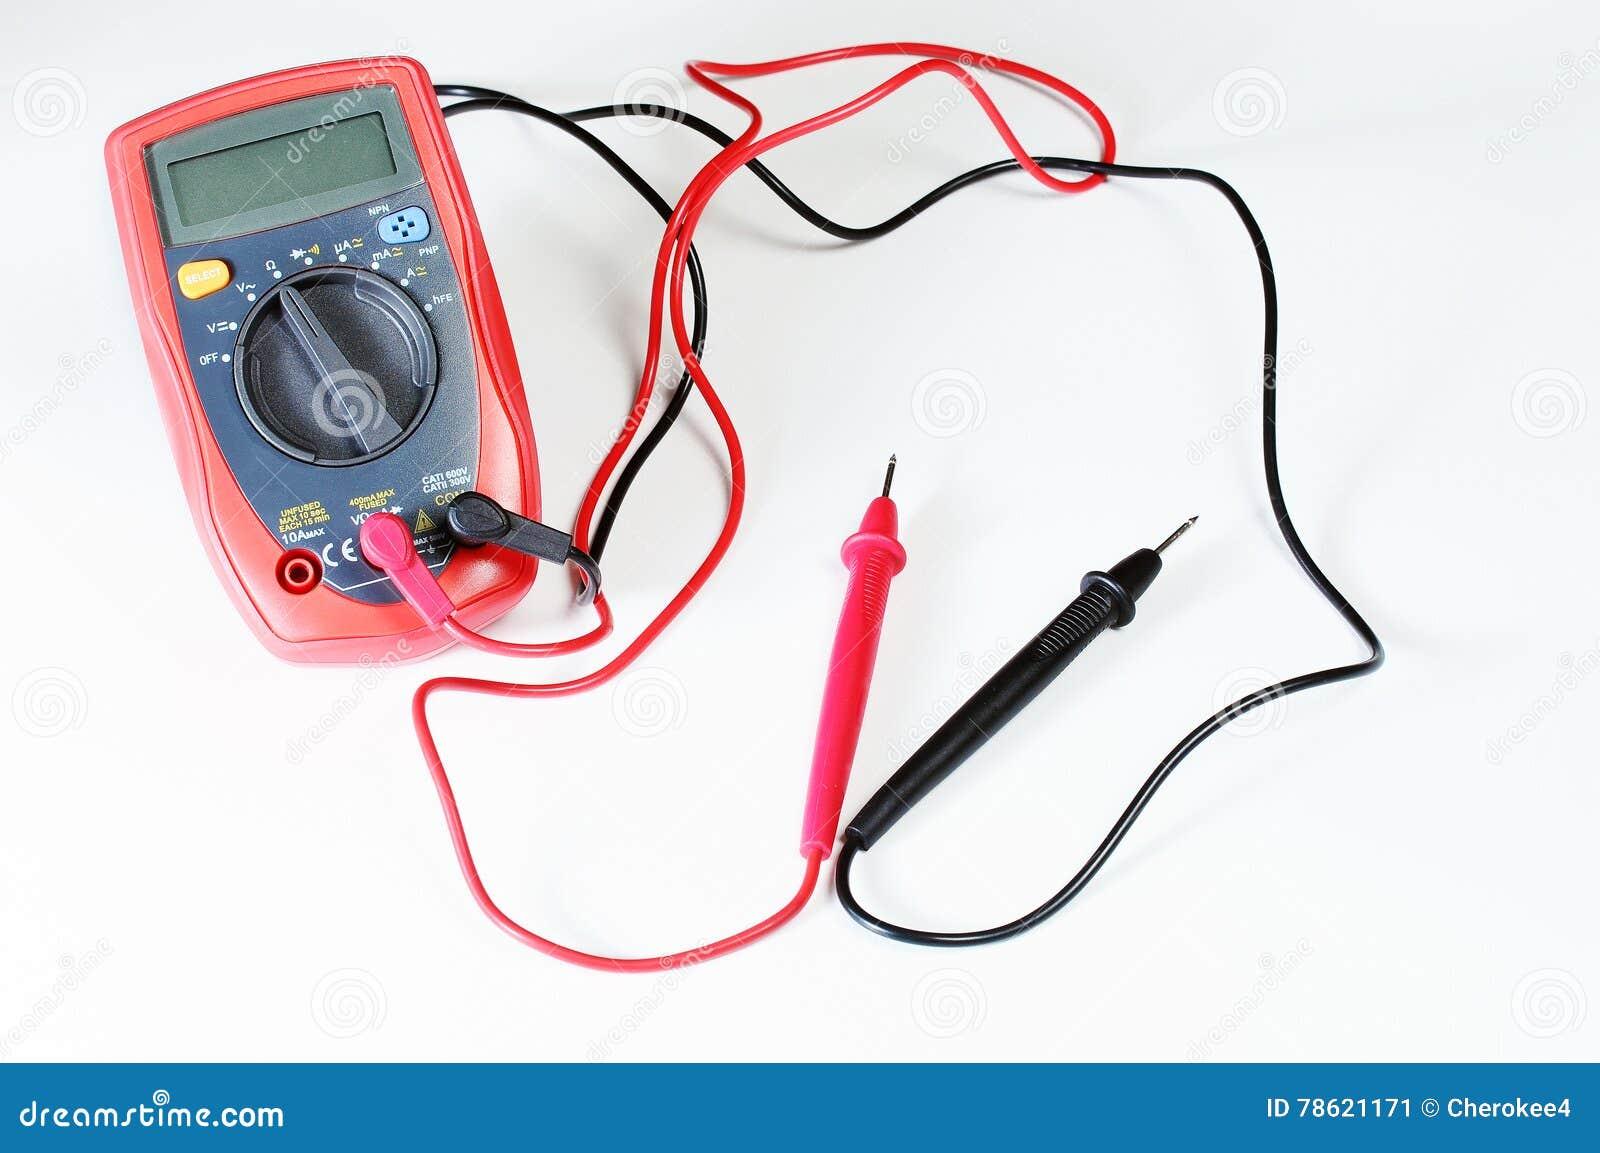 Digitale multimeter of multitester of volt-Ohm meter, een elektronisch meetinstrument dat verscheidene metingsfunctie combineert